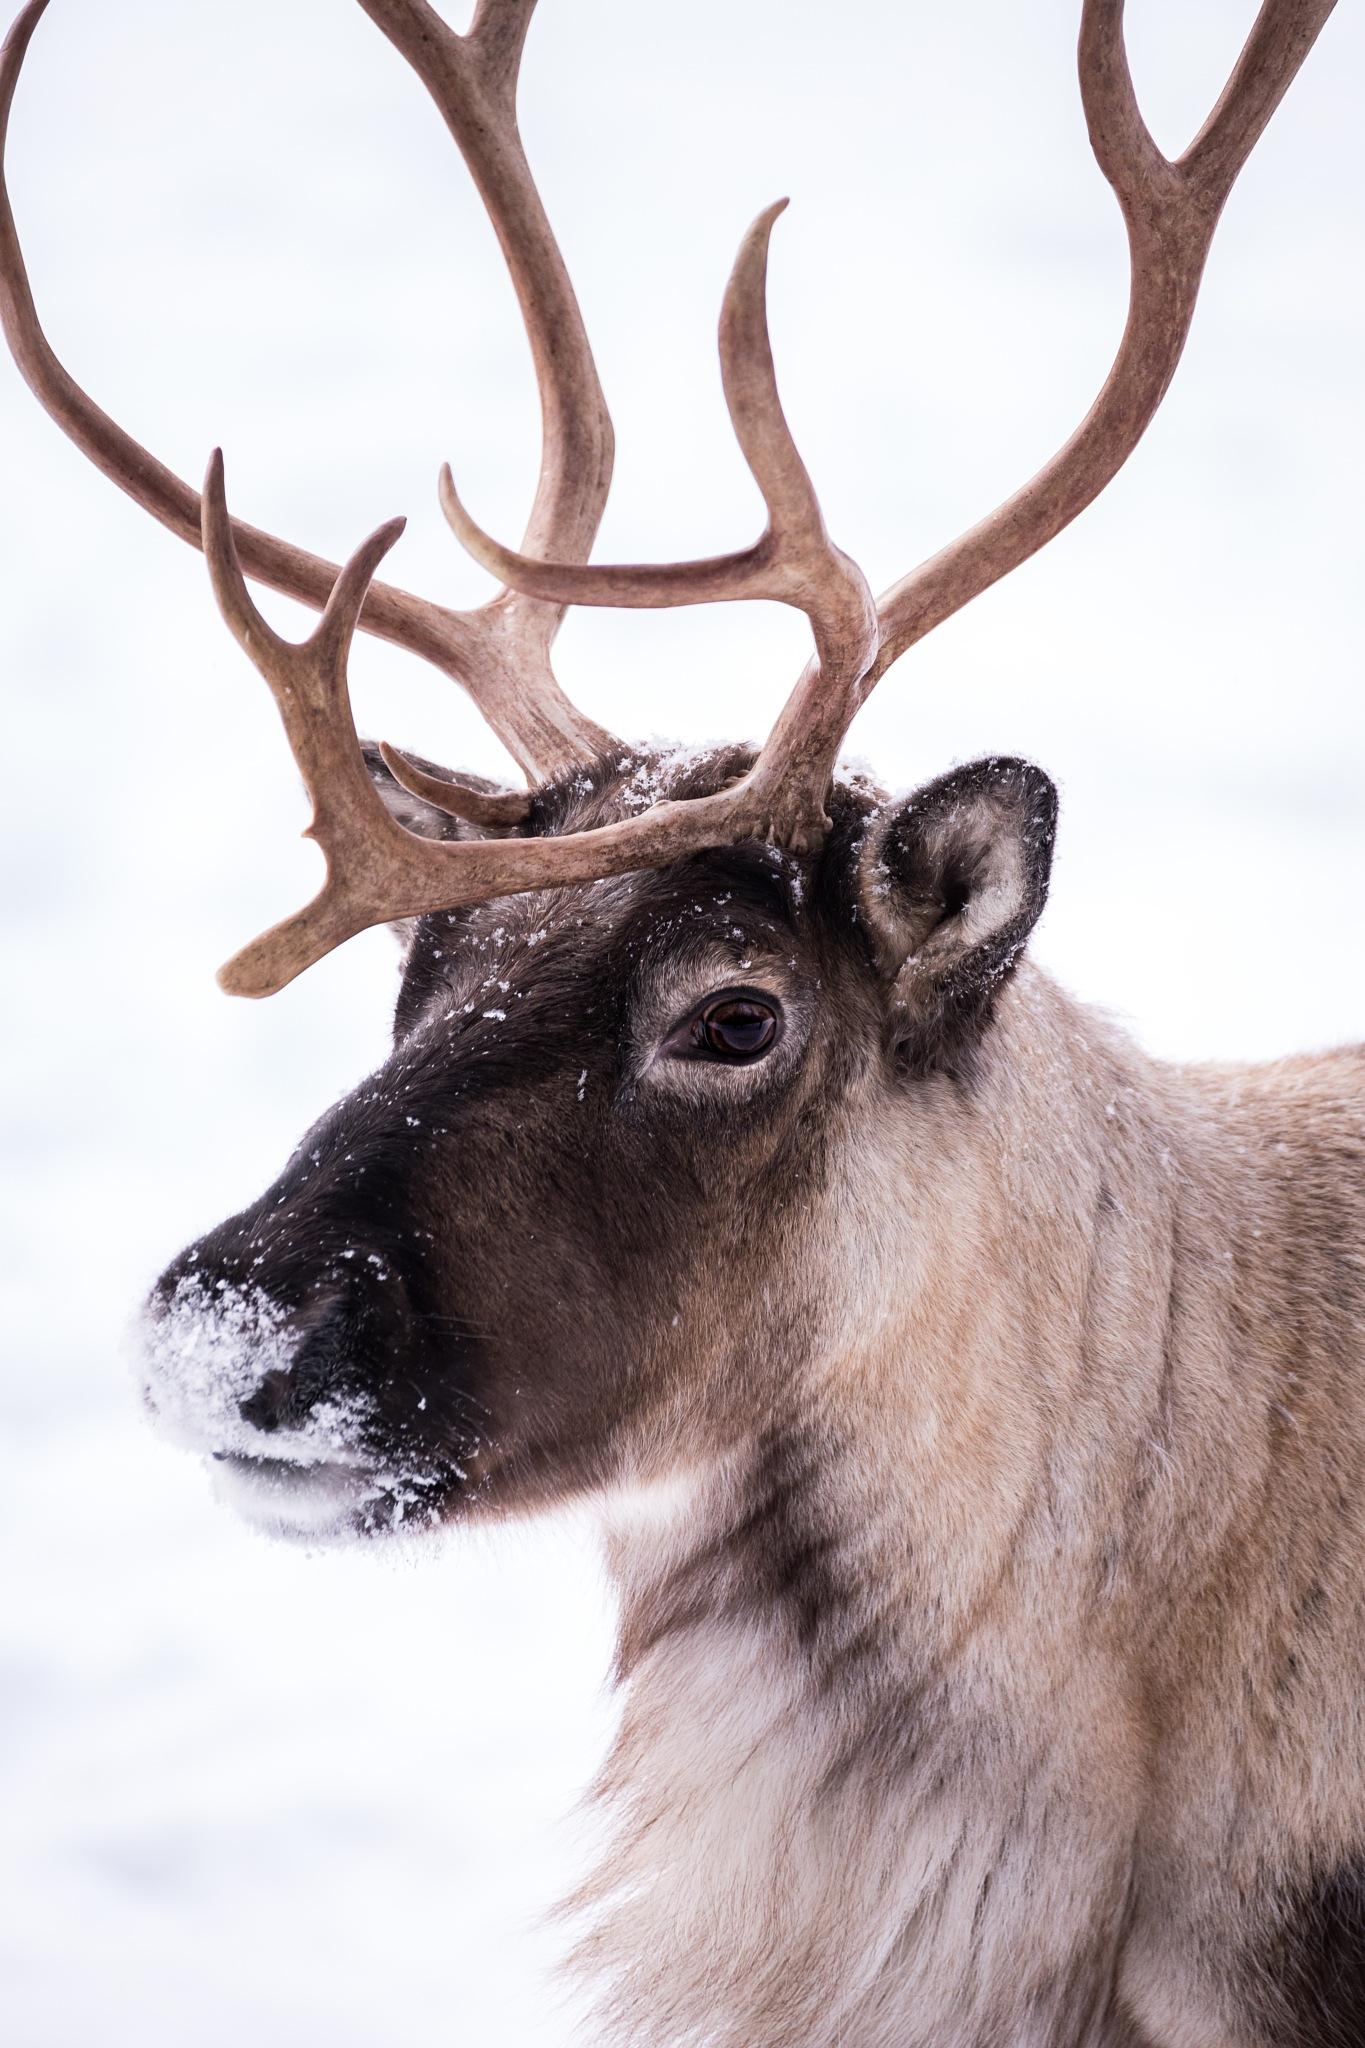 Reindeer by Linda Myrberg